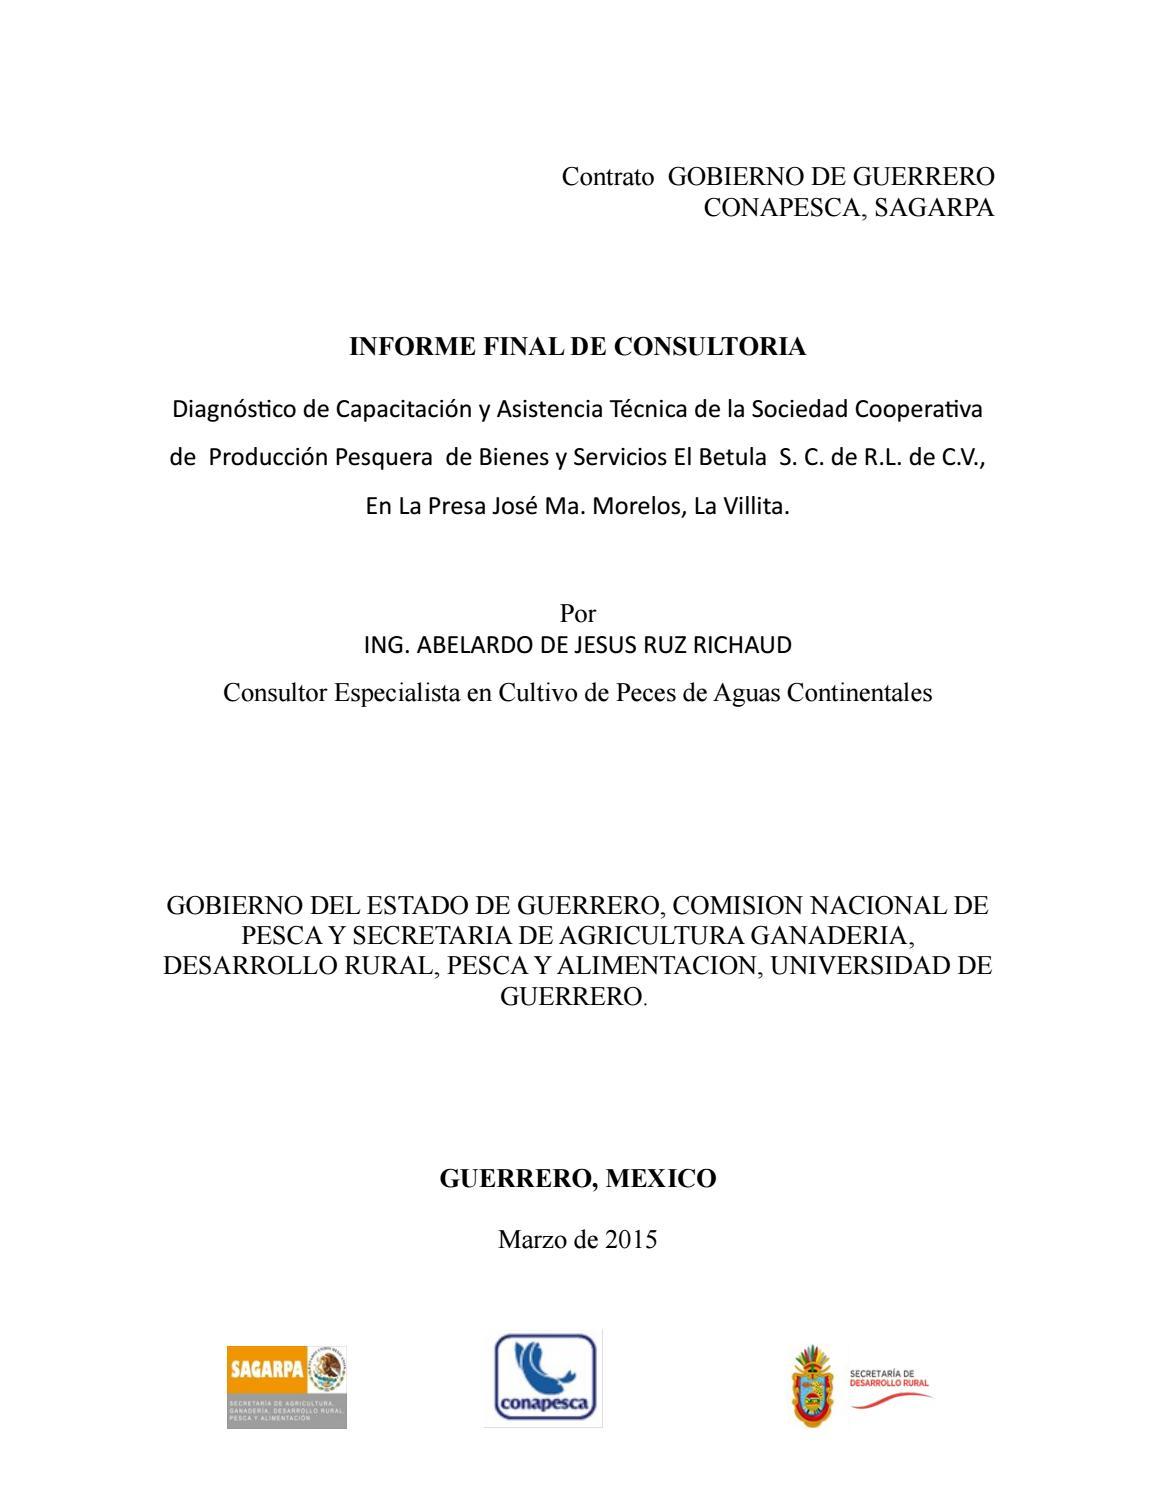 Manual cultivo de bagre el betula by AQUA QUE DE TAMAULIPAS - issuu